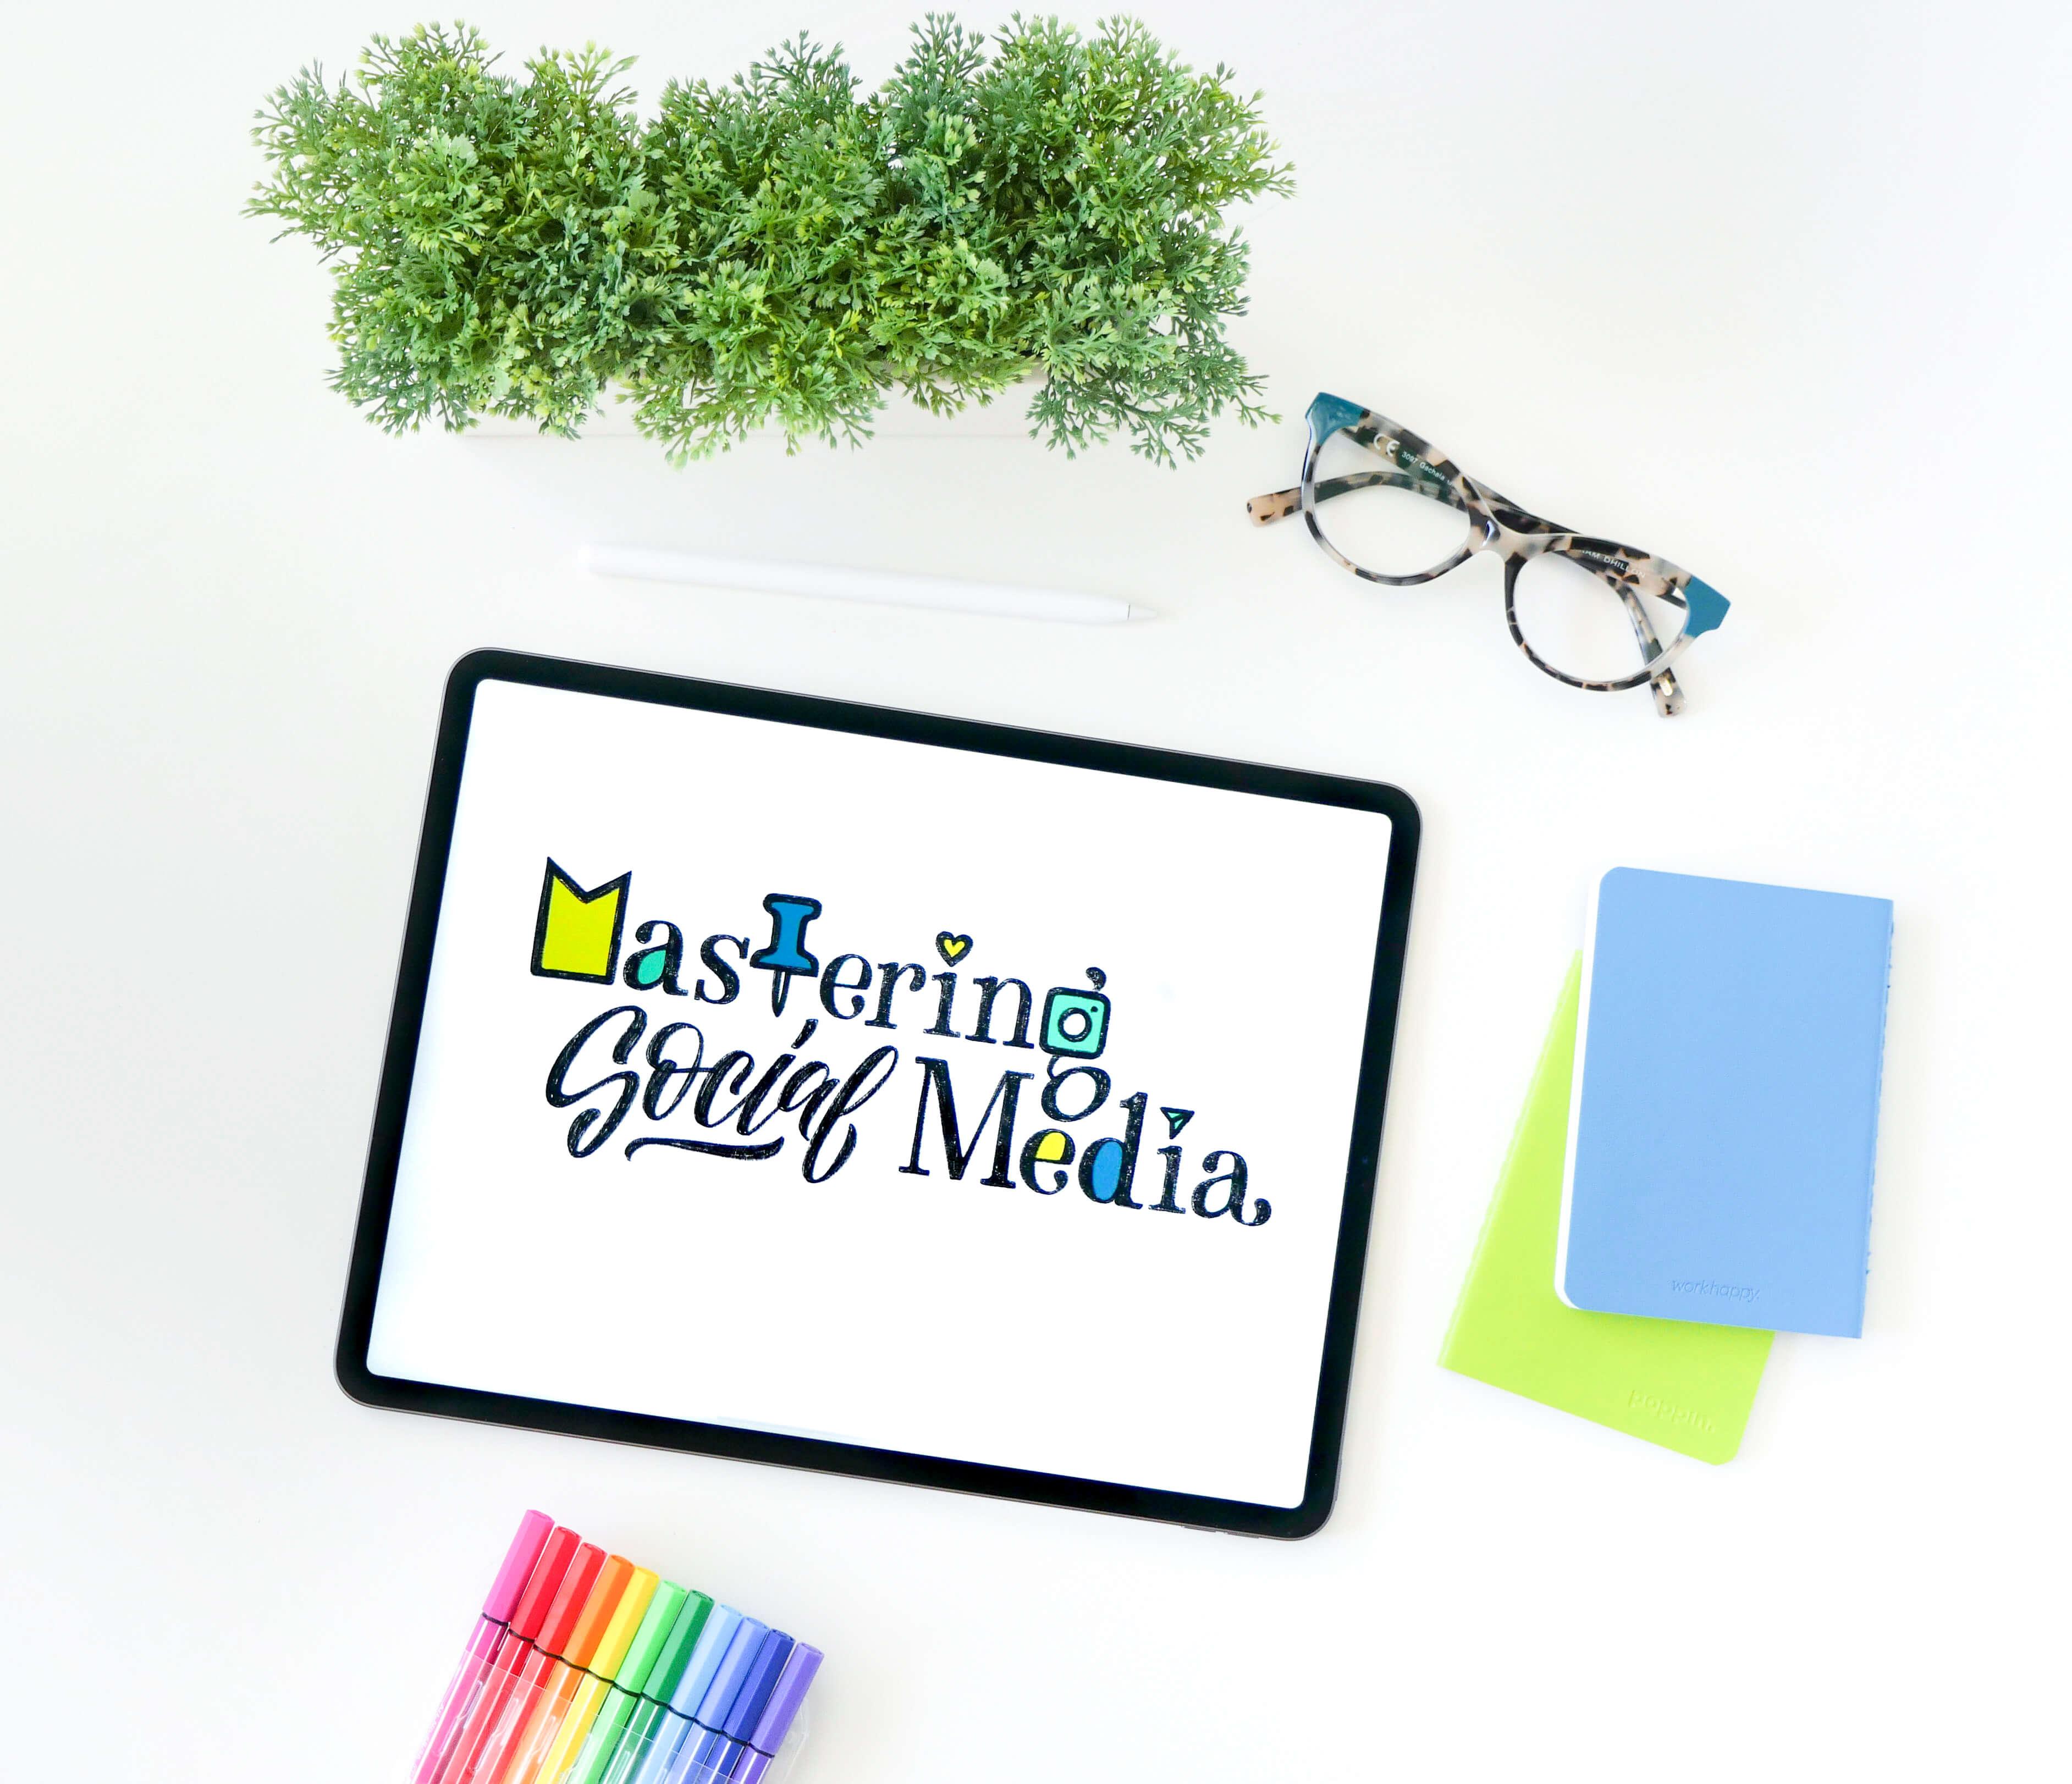 Mastering Social Media Photo 6v2